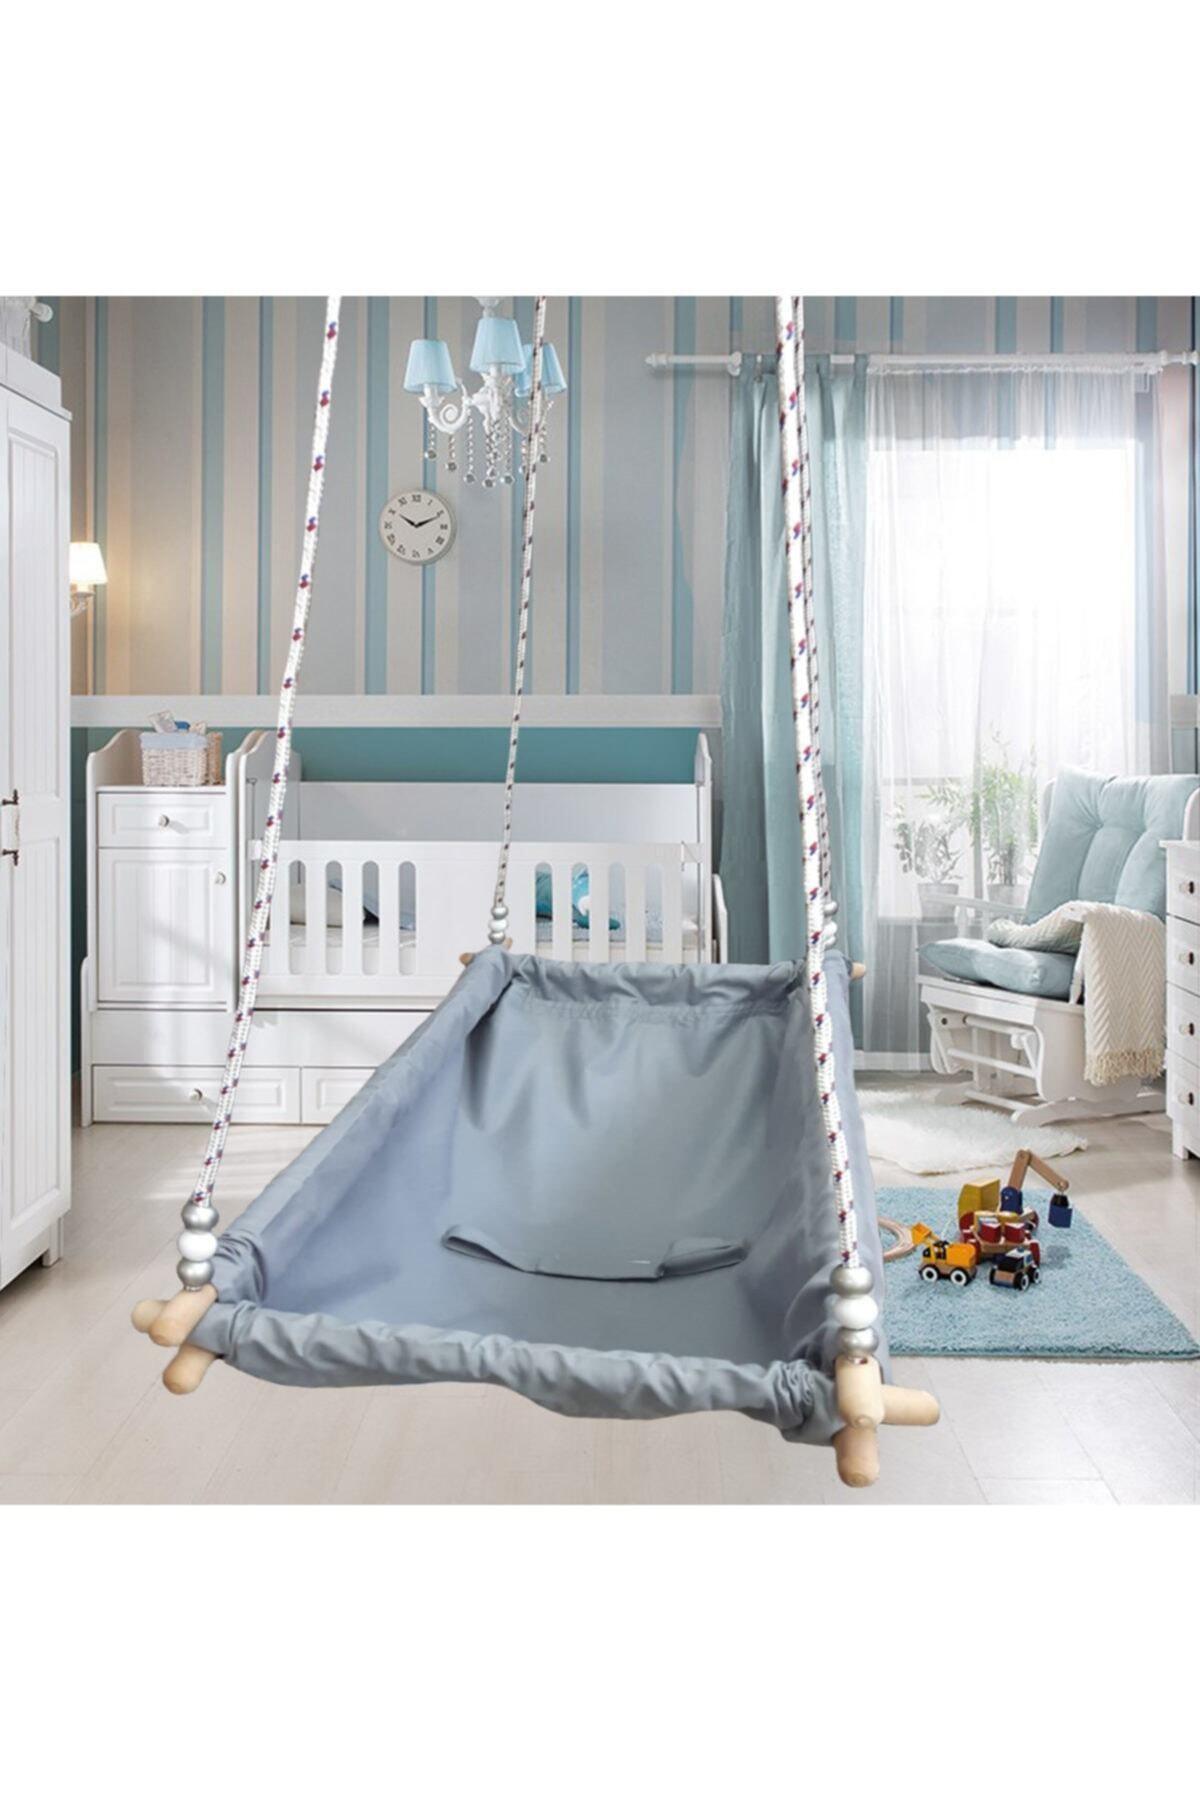 Altev Ahşap Yaylı Zıpzıp Hamak Beşik Hoppala Tavana Asılan Salıncak Bebek Yatağı Iskota Halatlı 1